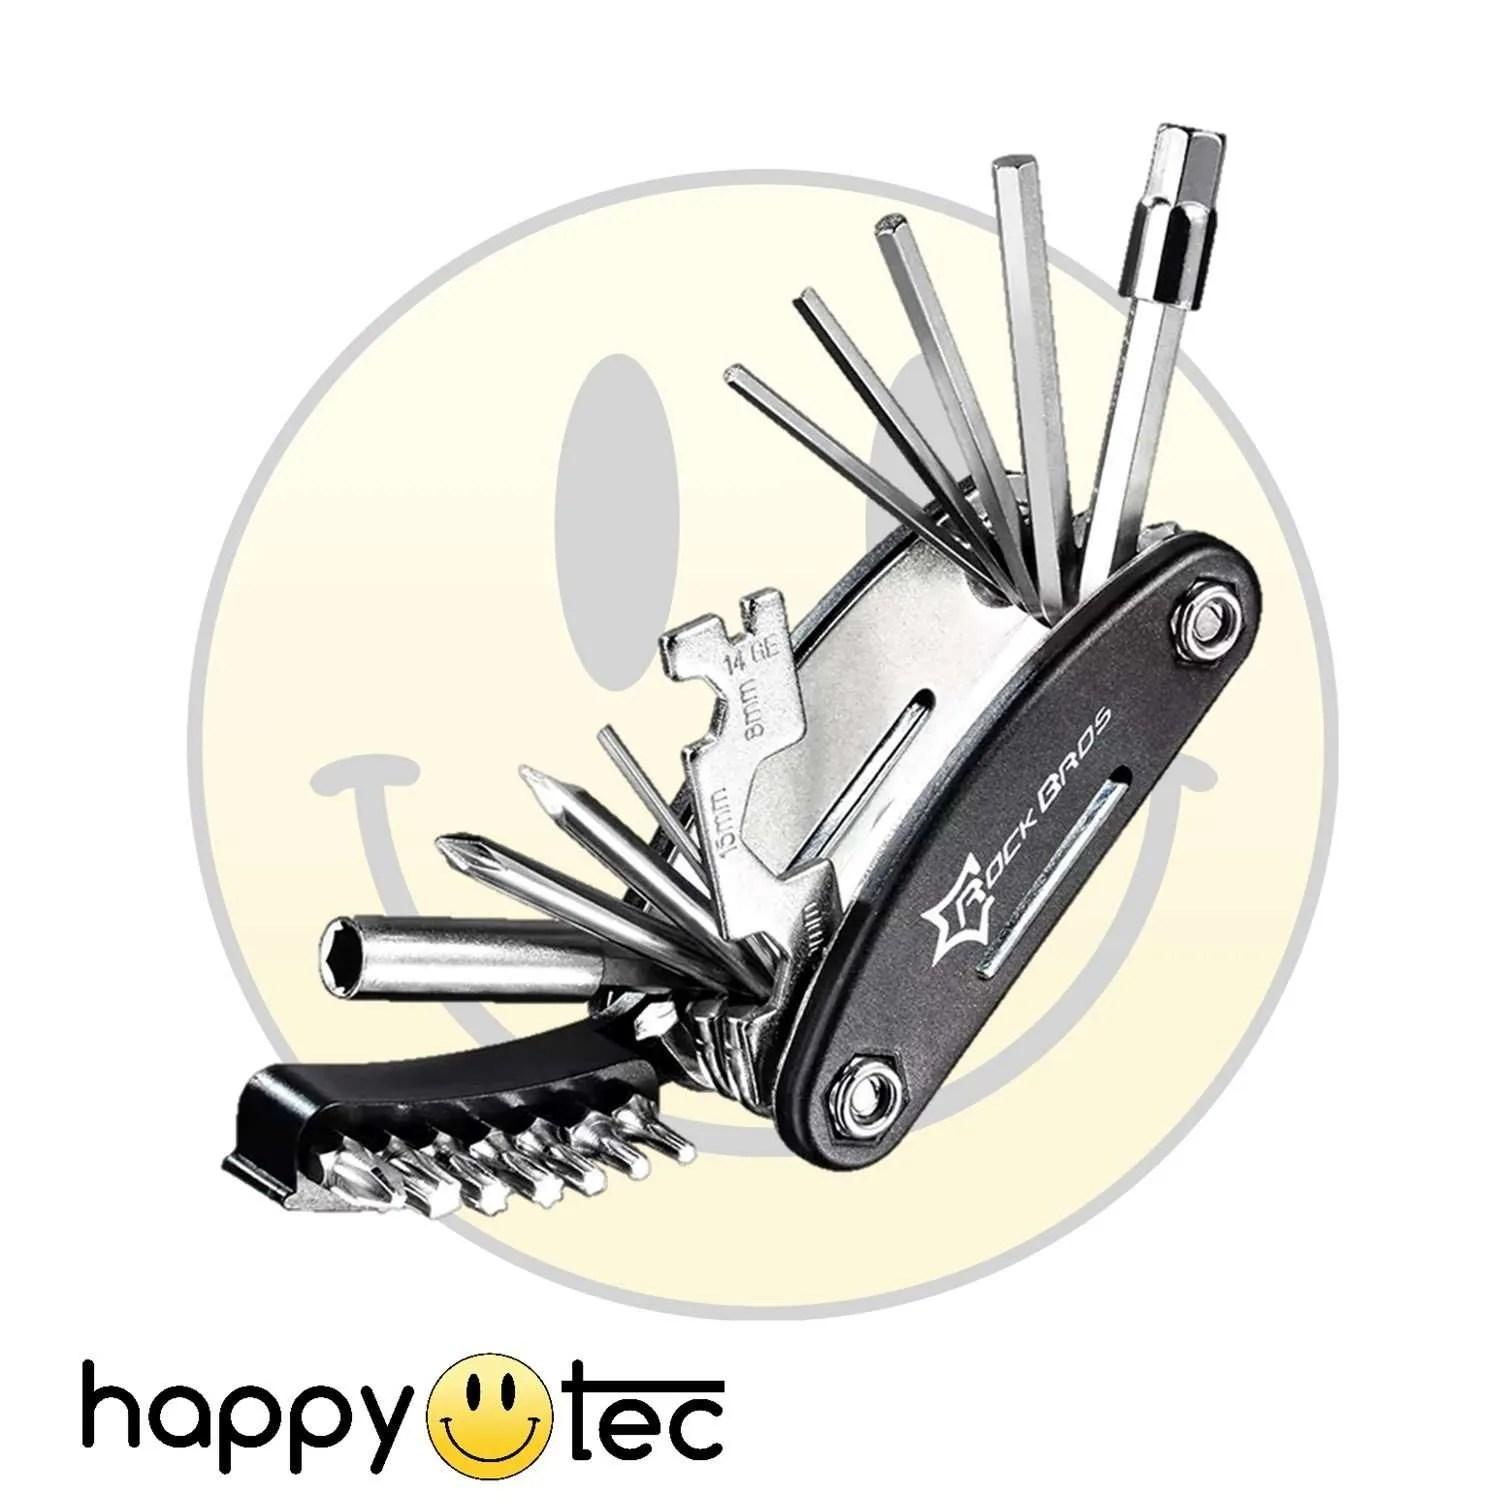 Accessori-universali-Kit-riparazione-tascabile ricambi accessori riparazione assistenza tecnica monopattini elettrici monorim